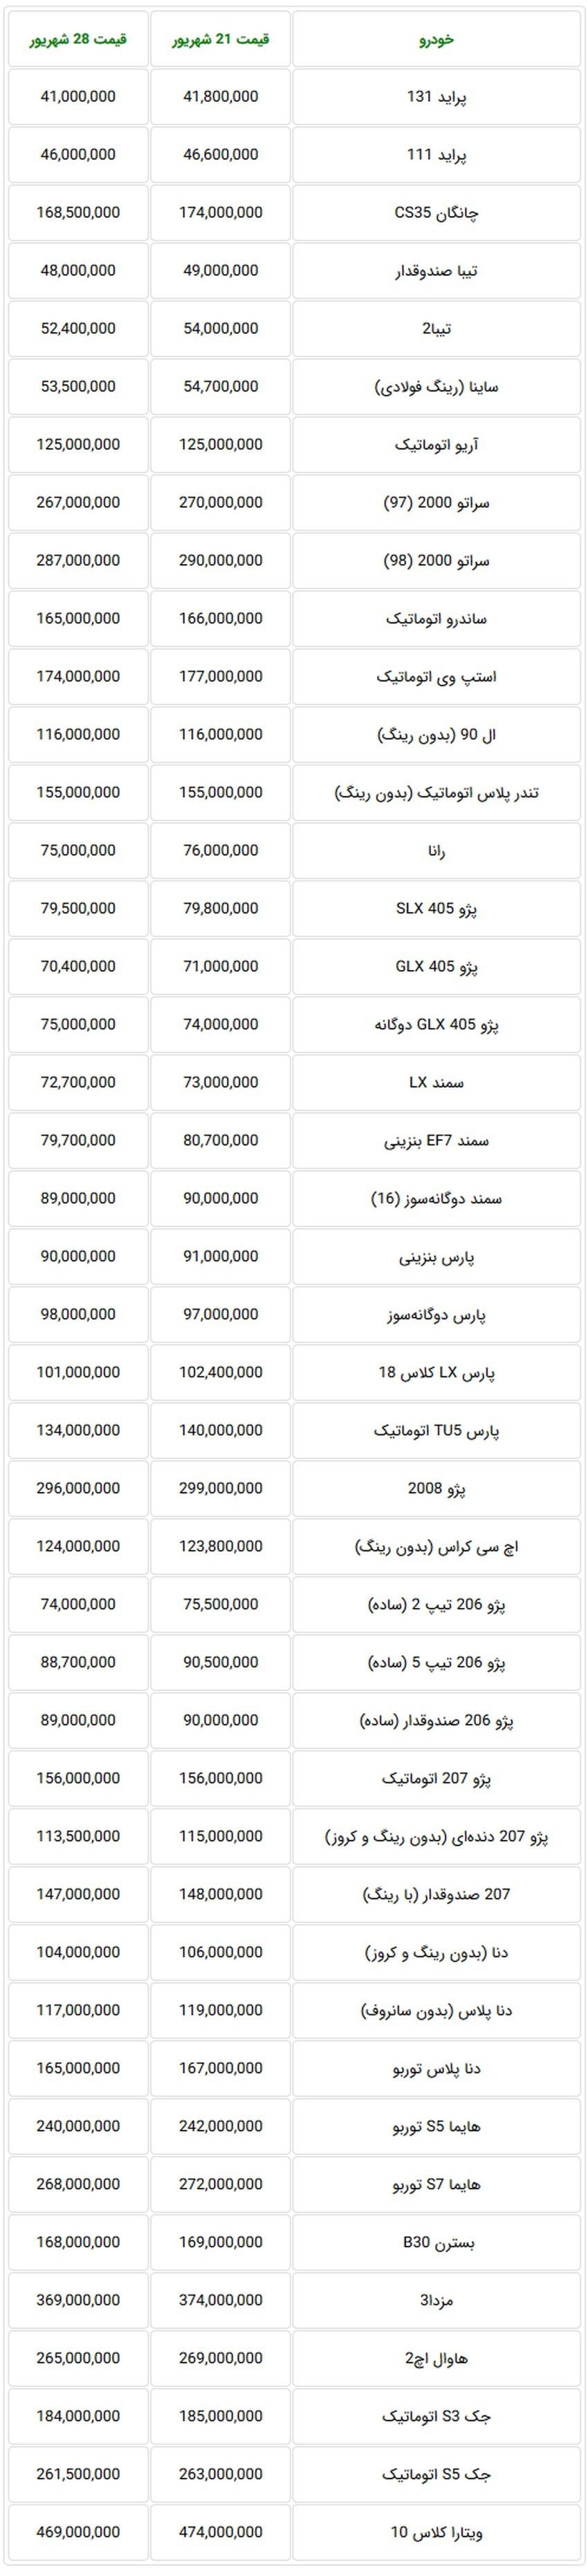 جدول قیمت جدید خودروهای داخلی در بازار تهران در هفته گذشته.jpg